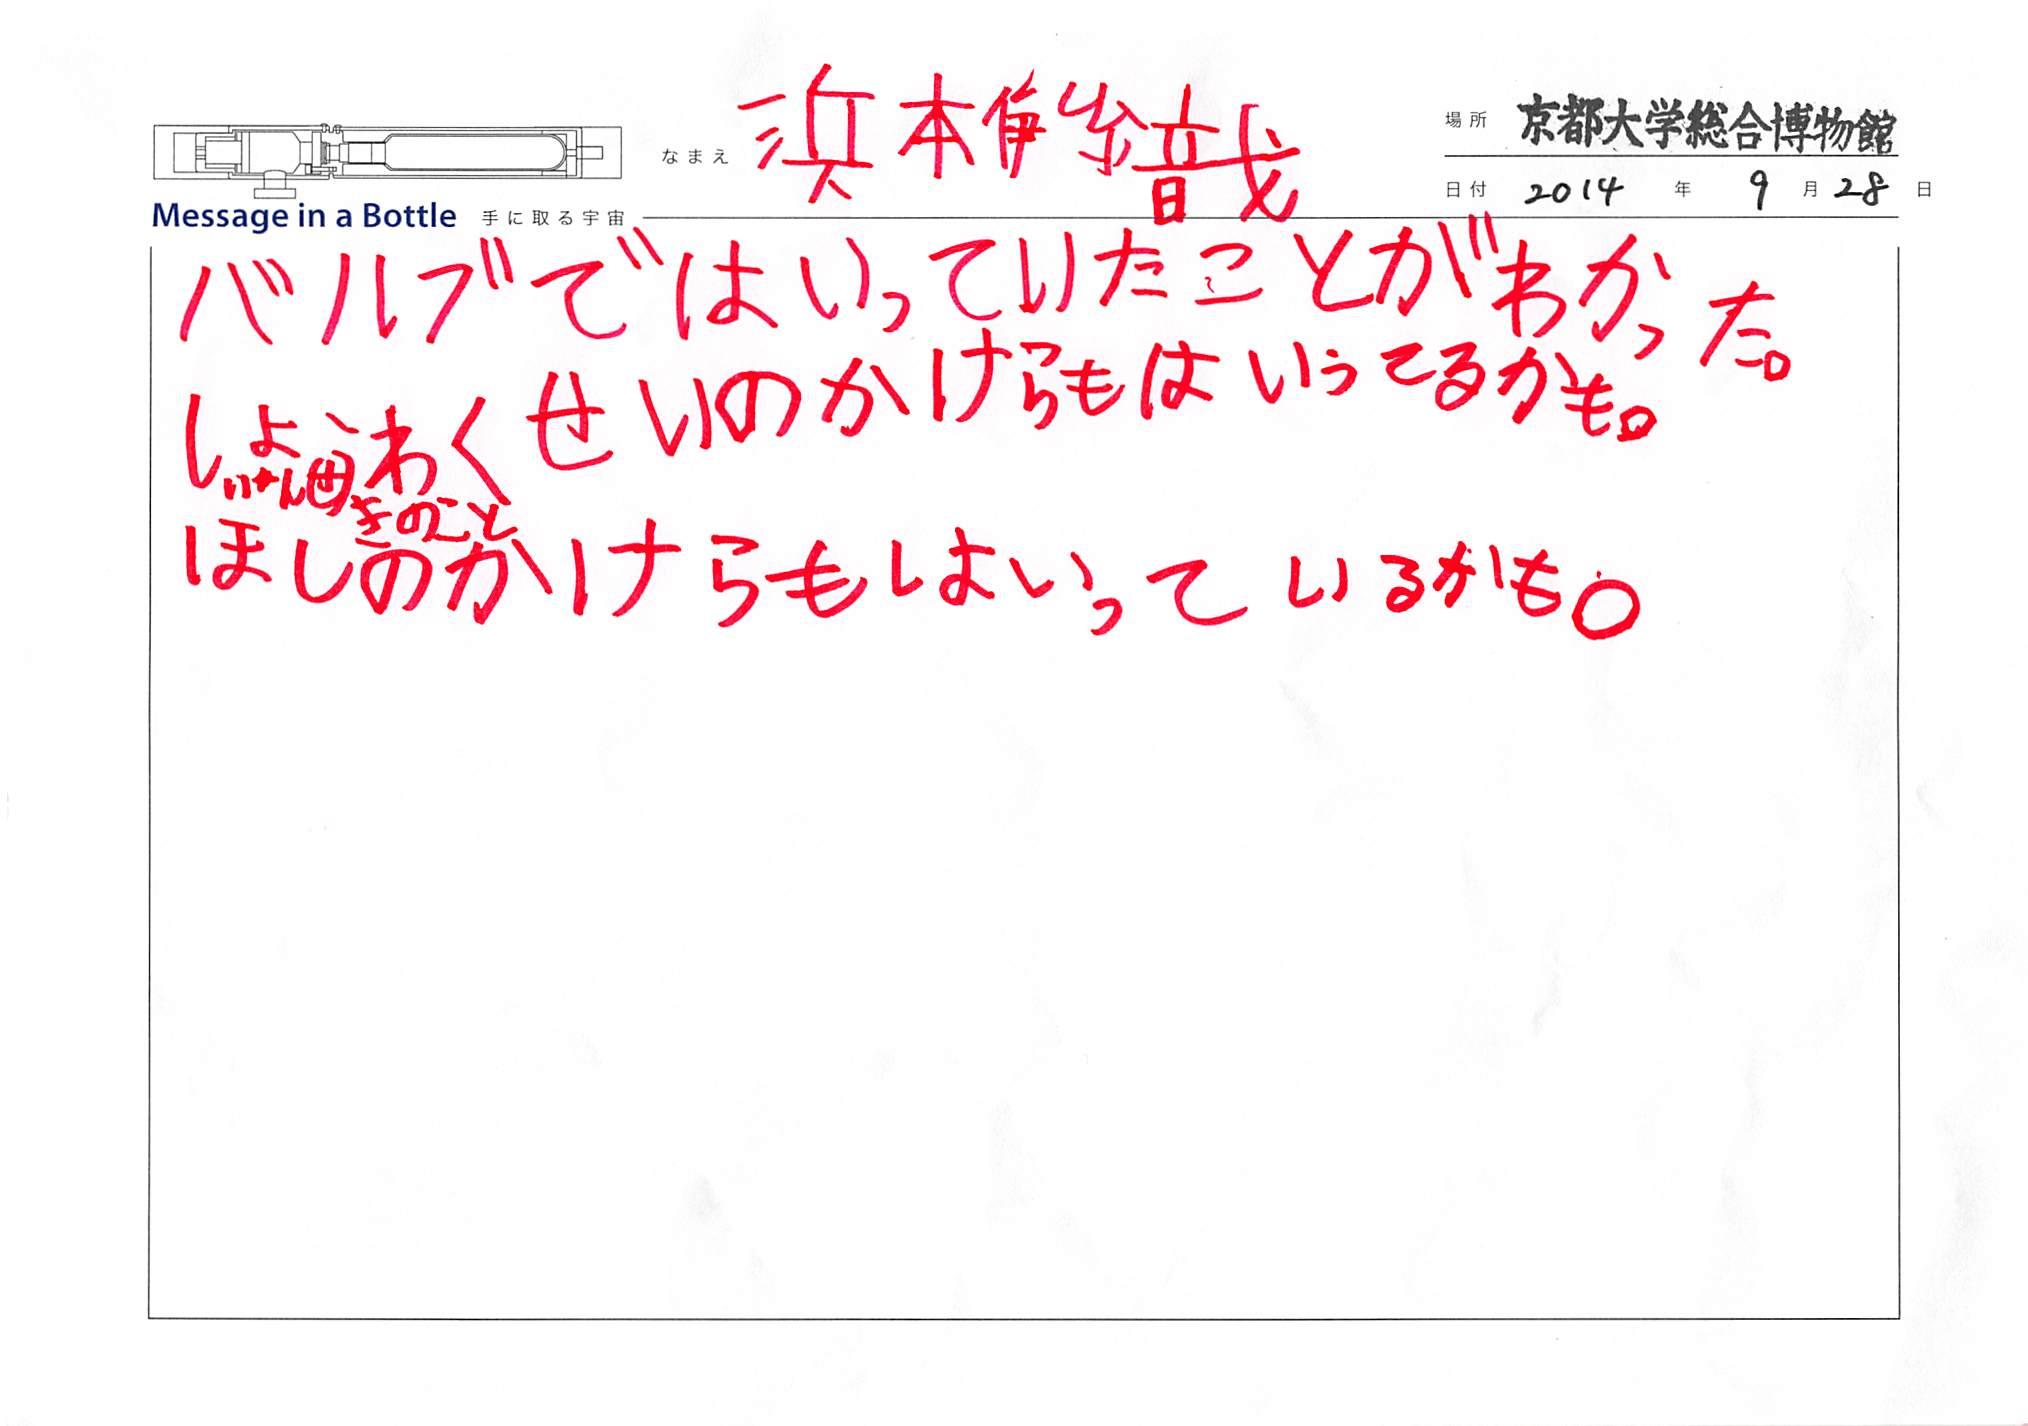 2014-09-28-16-21-22.jpg